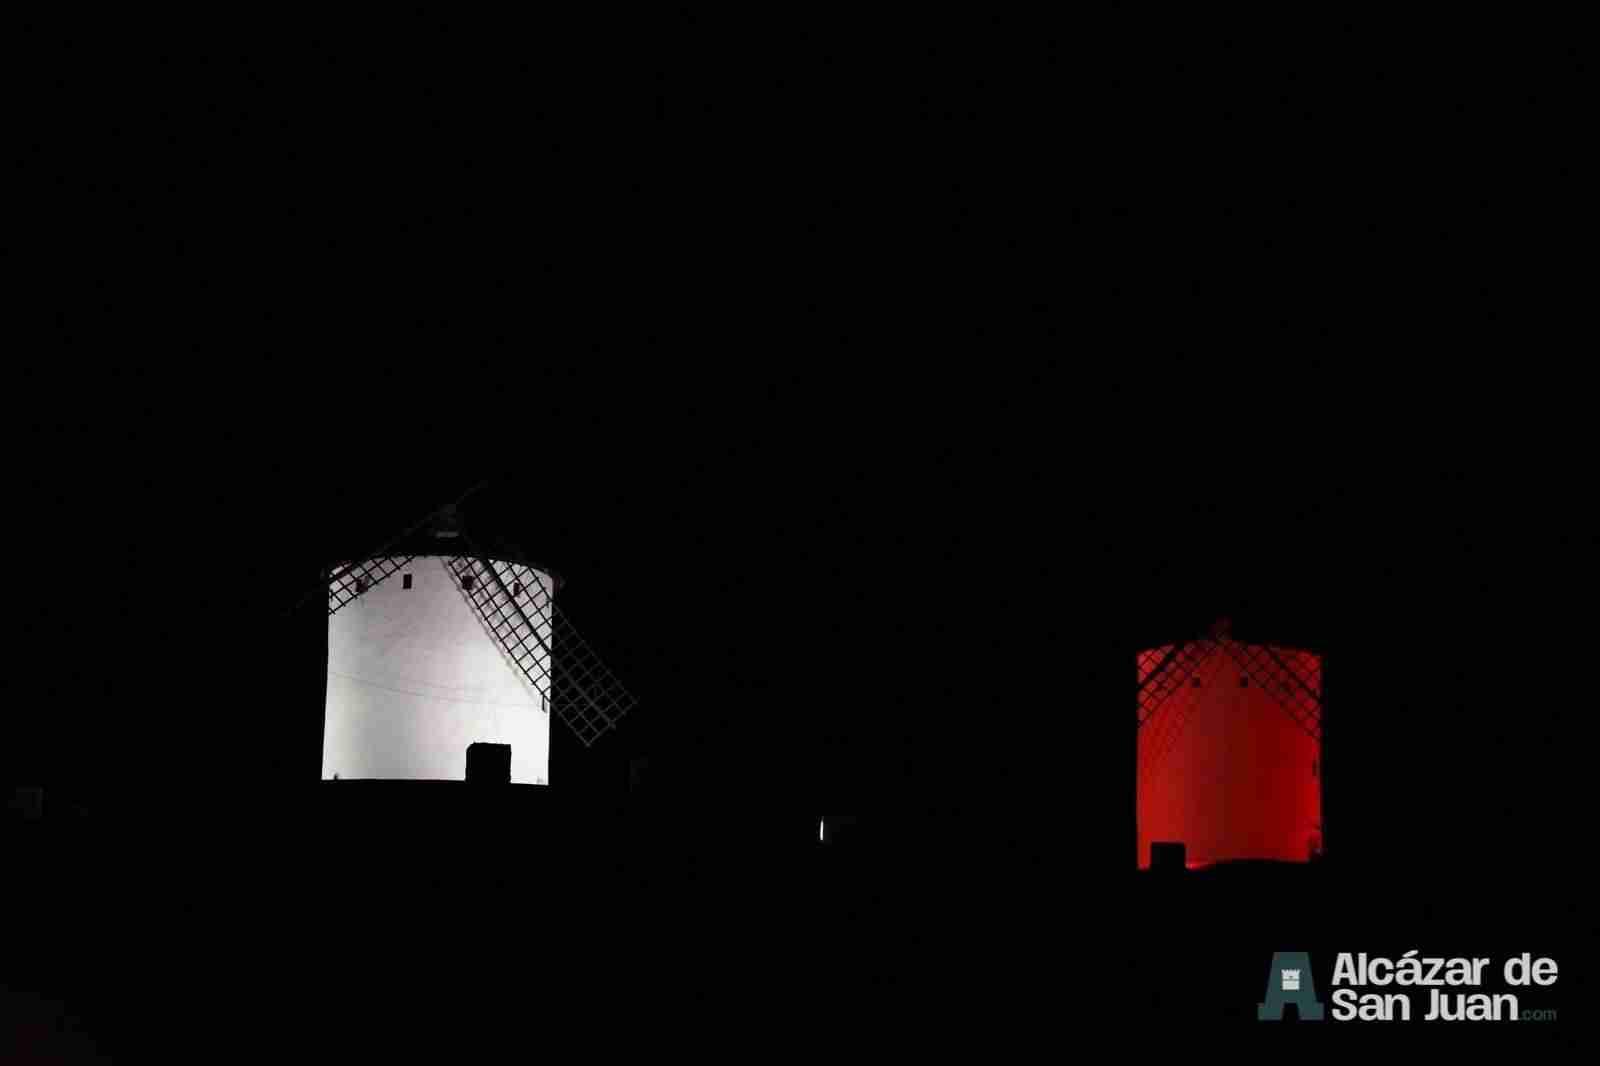 iluminacion artistica moninos viento alcazar san juan 3 - Todos los molinos de viento de Castilla-La Mancha con iluminación artística como reclamo artístico